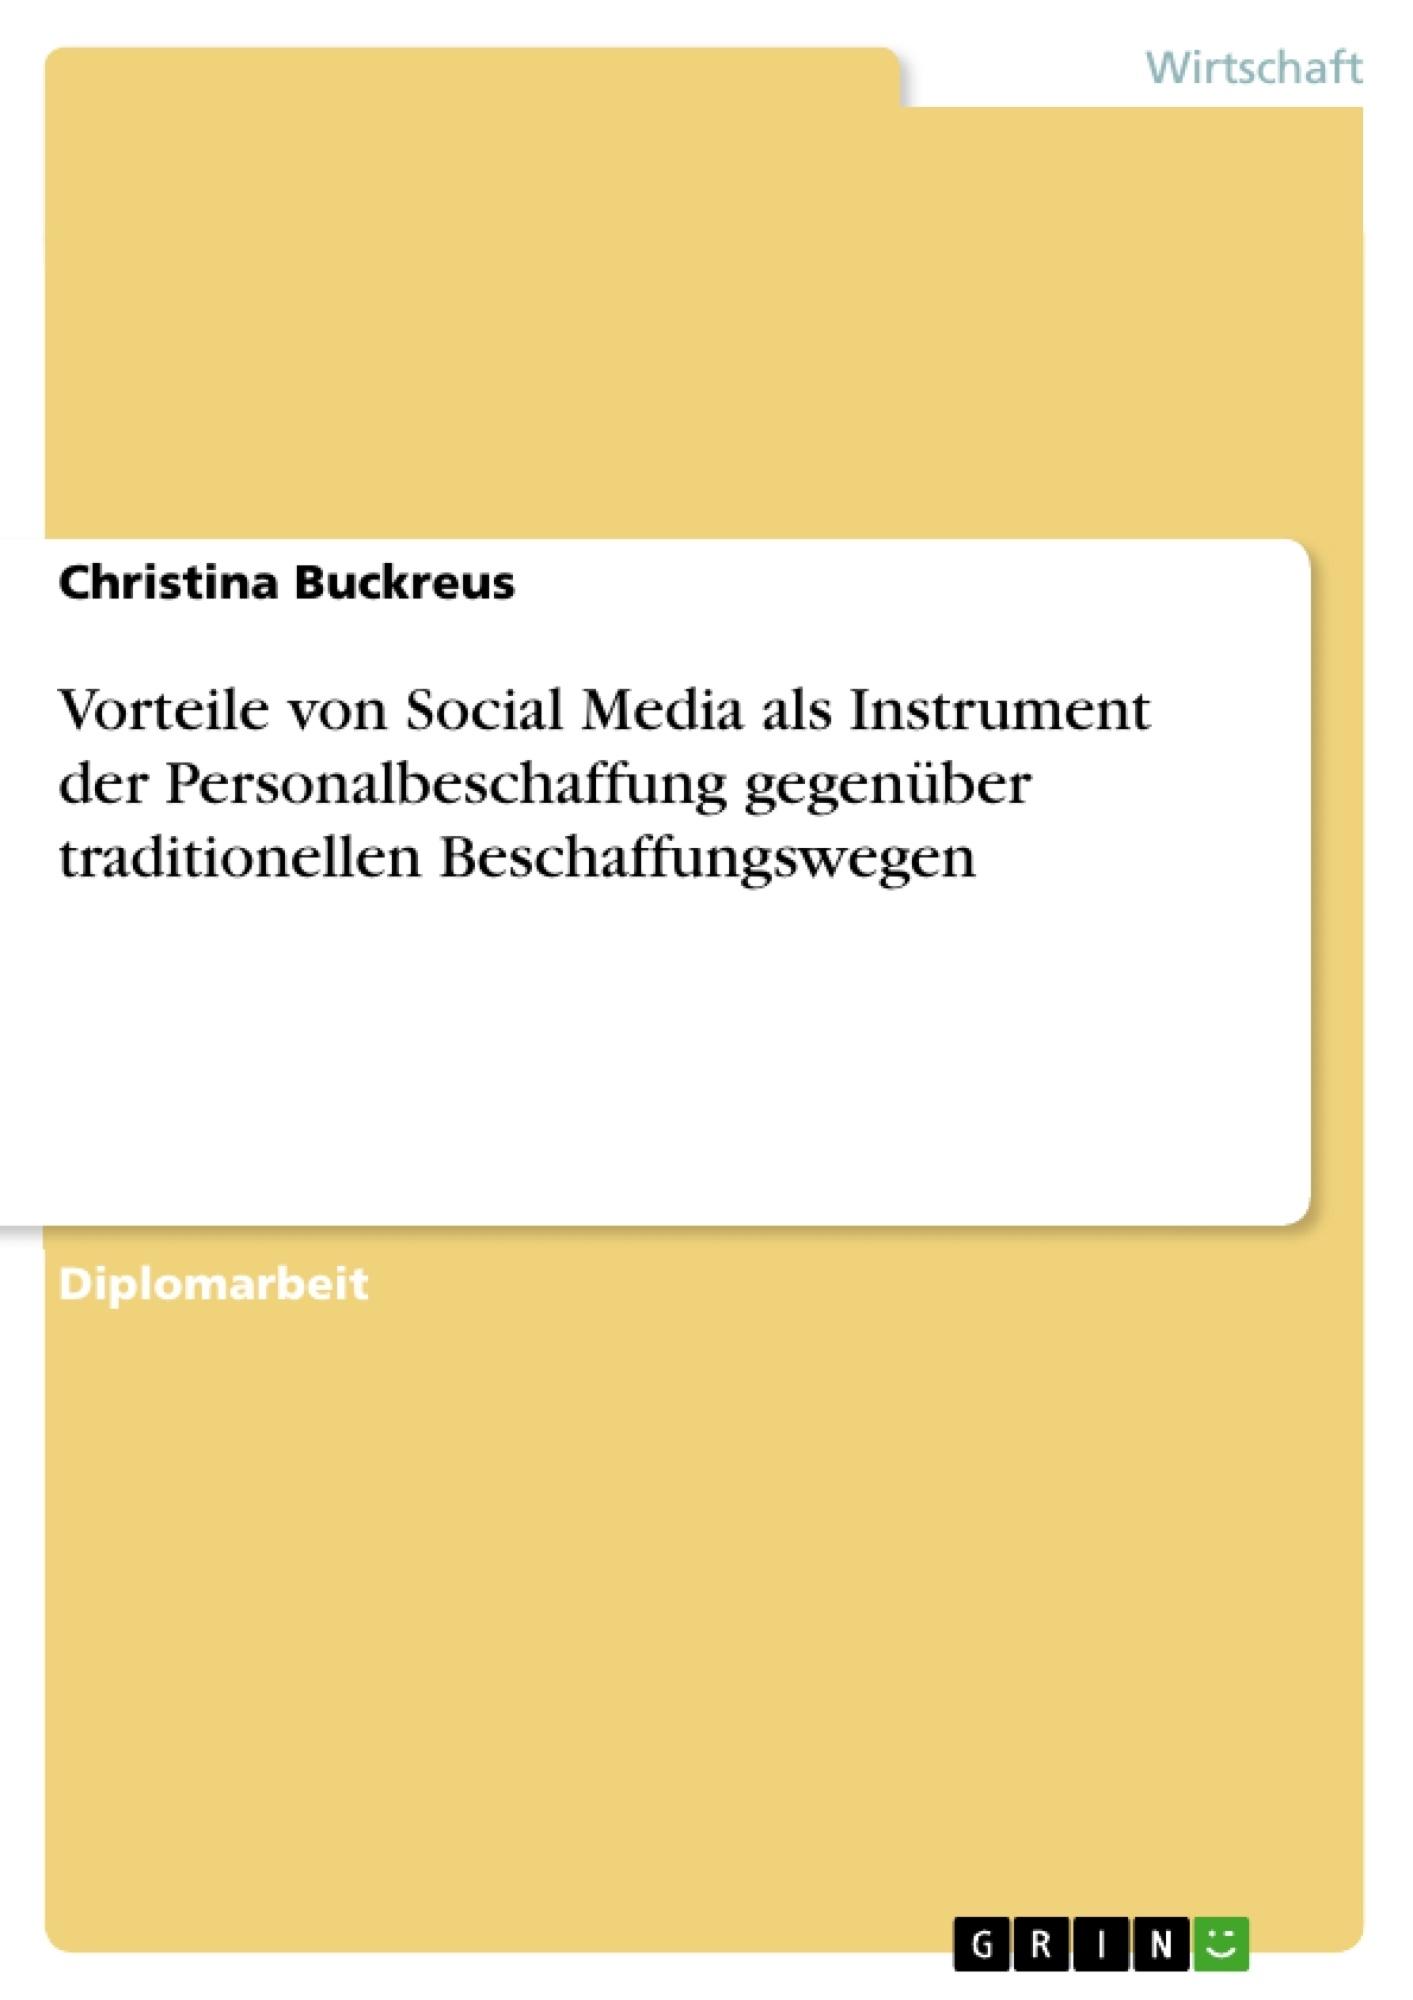 Titel: Vorteile von Social Media als Instrument der Personalbeschaffung gegenüber traditionellen Beschaffungswegen